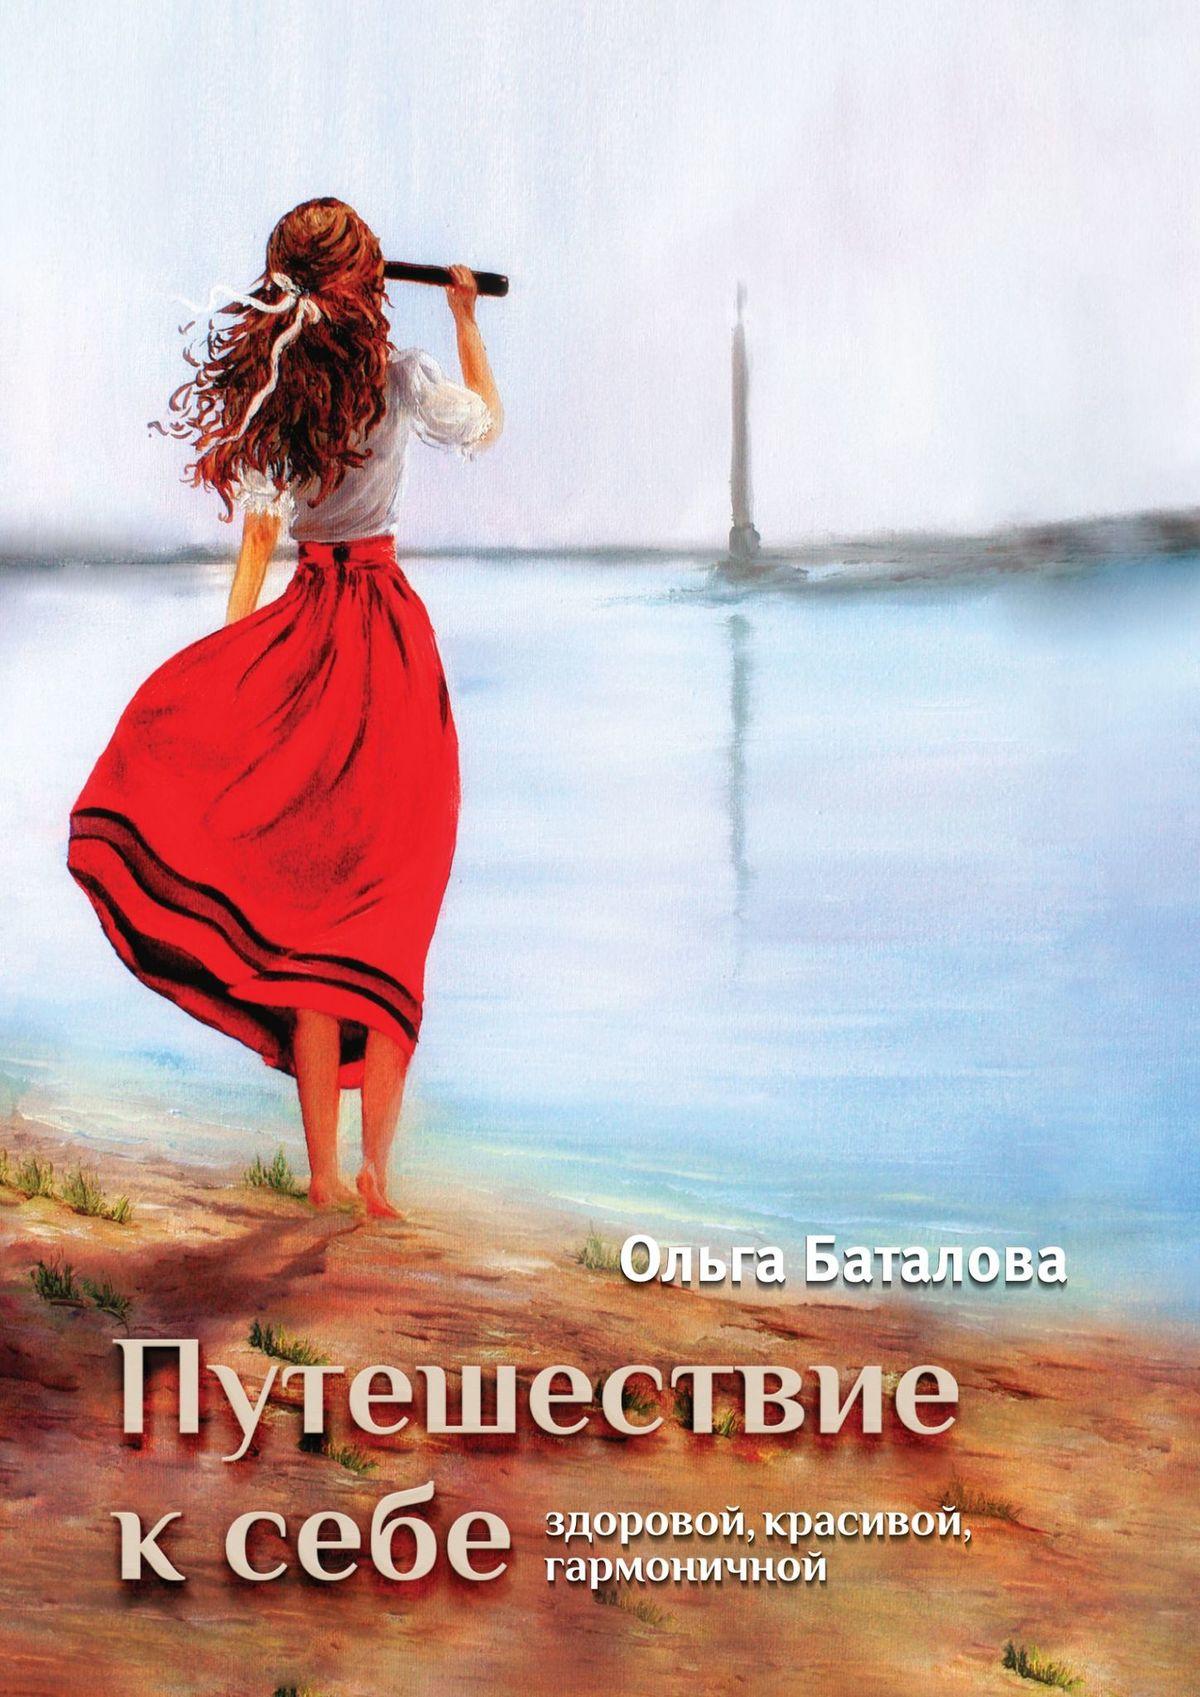 Ольга Баталова Путешествие к себе: здоровой, красивой, гармоничной